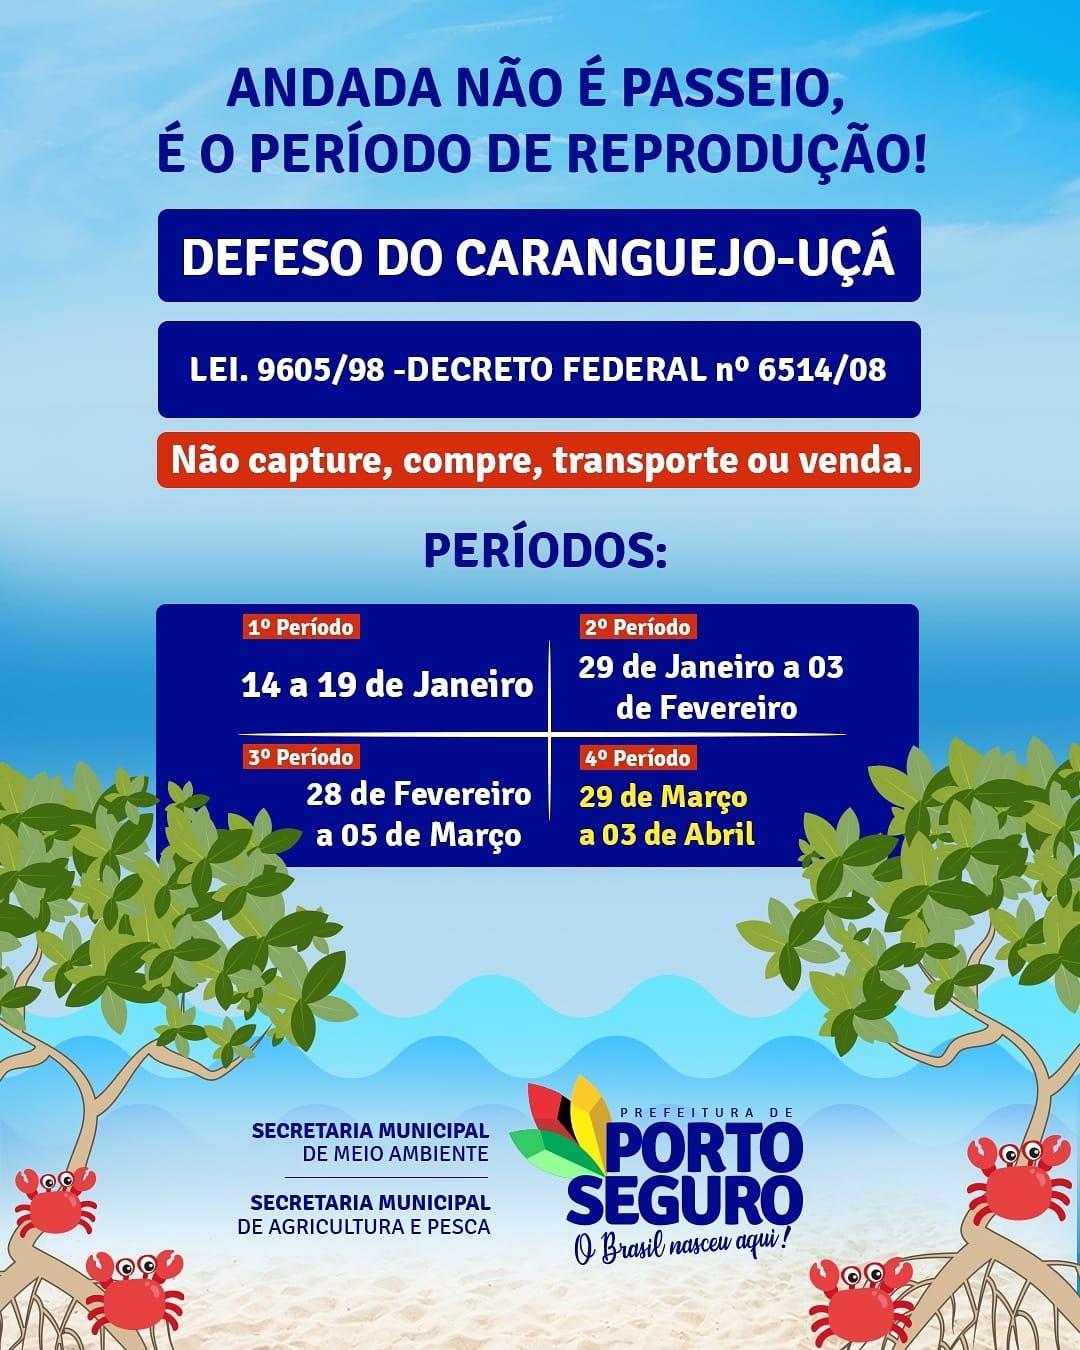 Secretaria de Meio Ambiente alerta para período do defeso em Porto Seguro 23